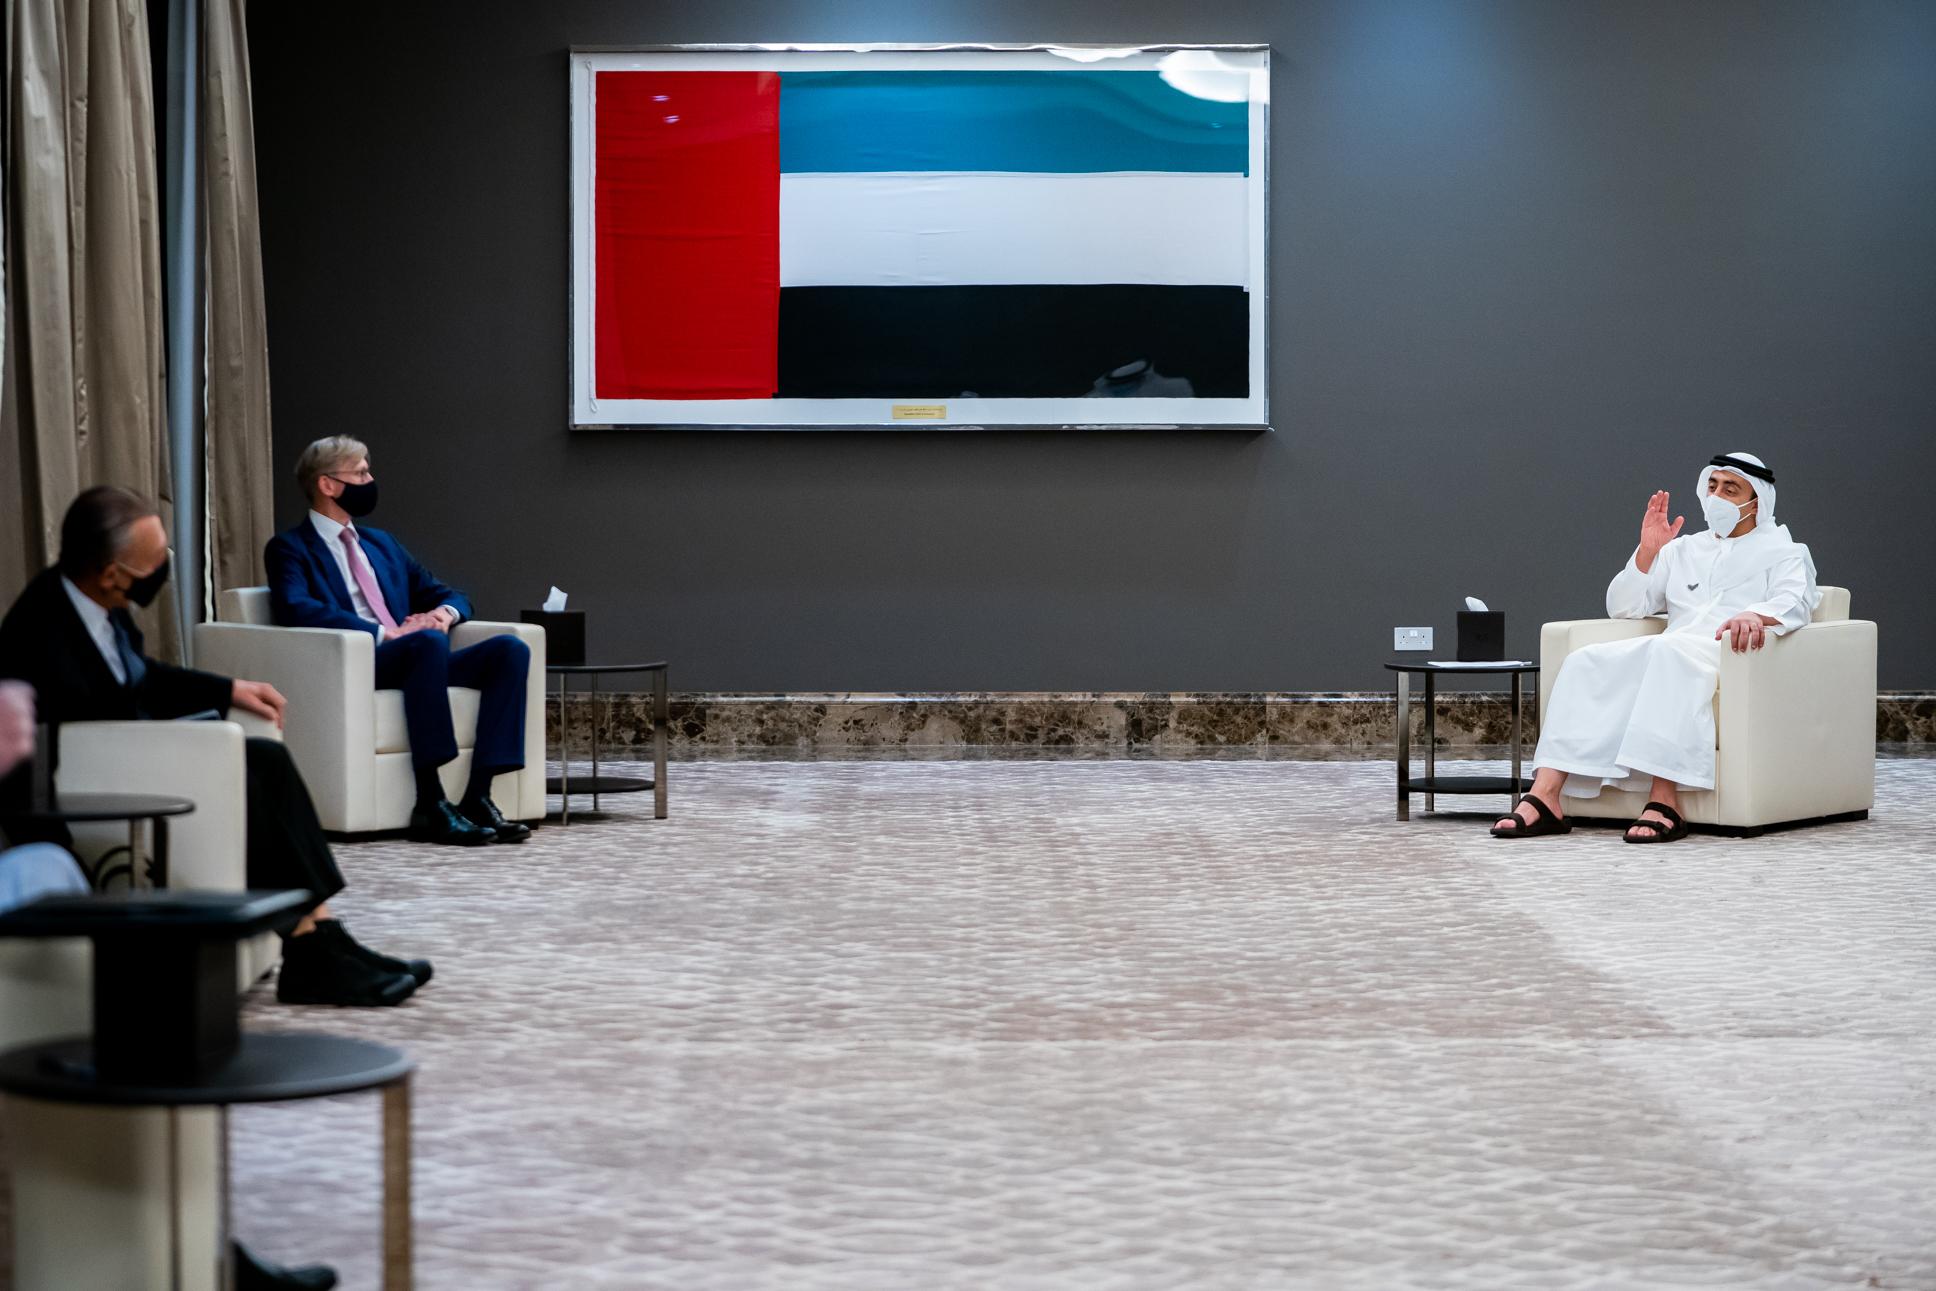 عبدالله بن زايد يستقبل الممثل الأمريكي الخاص بشؤون إيران وكبير مستشاري السياسات لوزير الخارجية الأمريكي